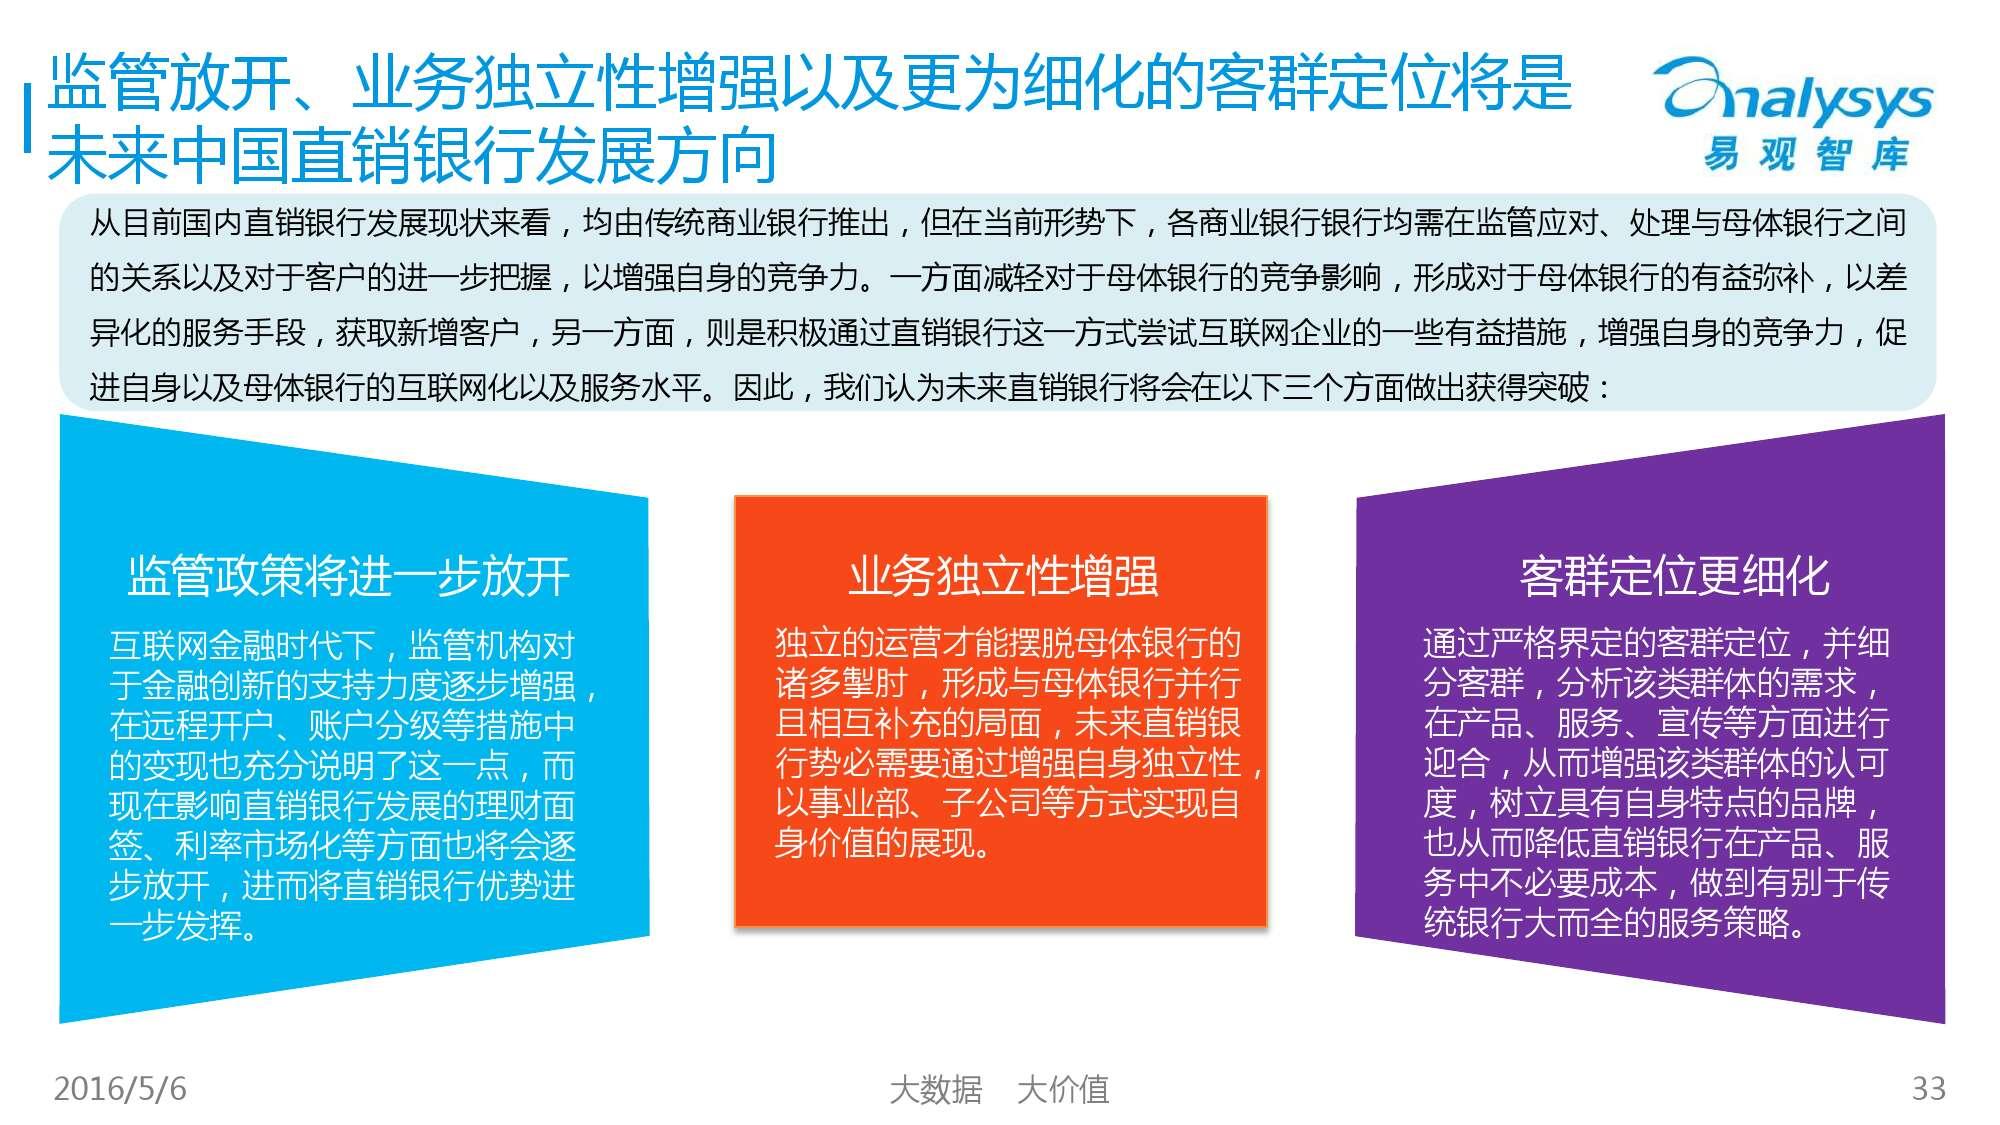 2016年中国直销银行市场专题研究报告_000033